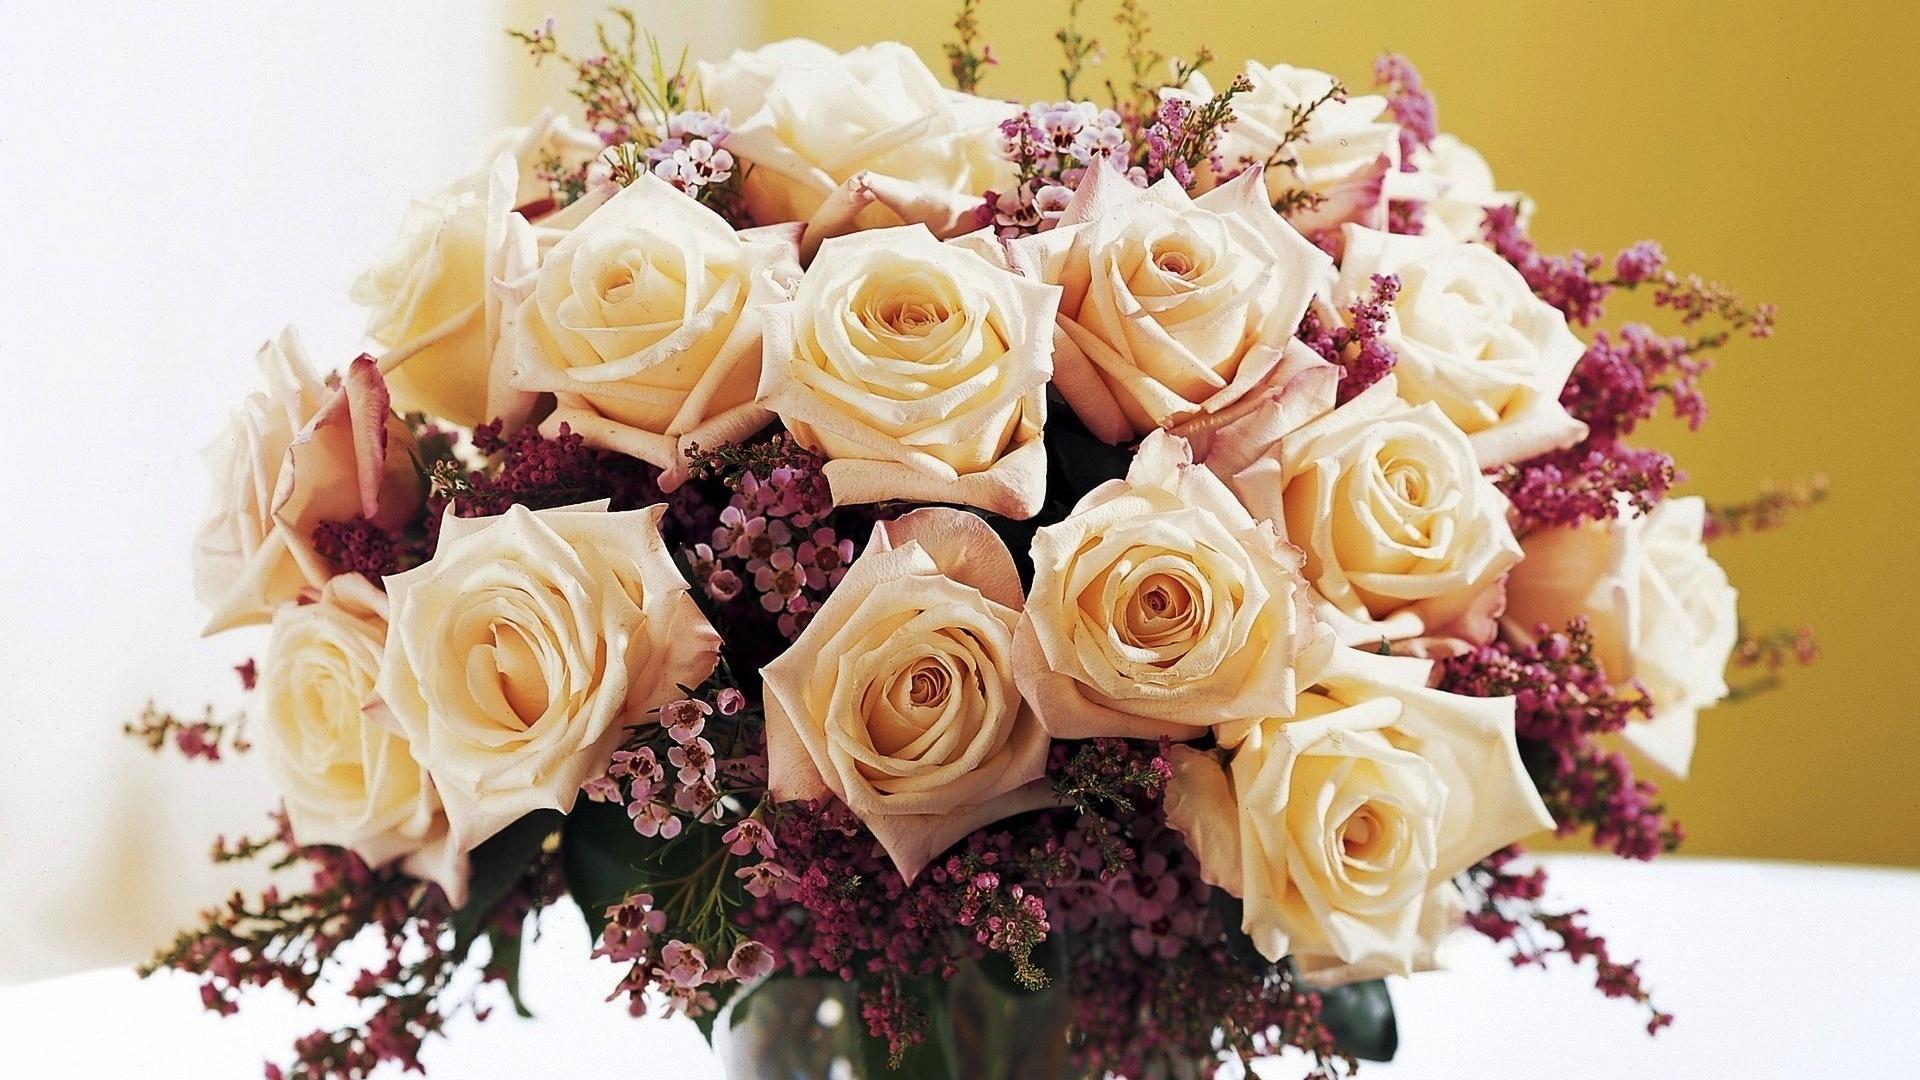 Самые красивые картинки с букетами цветов, чаком